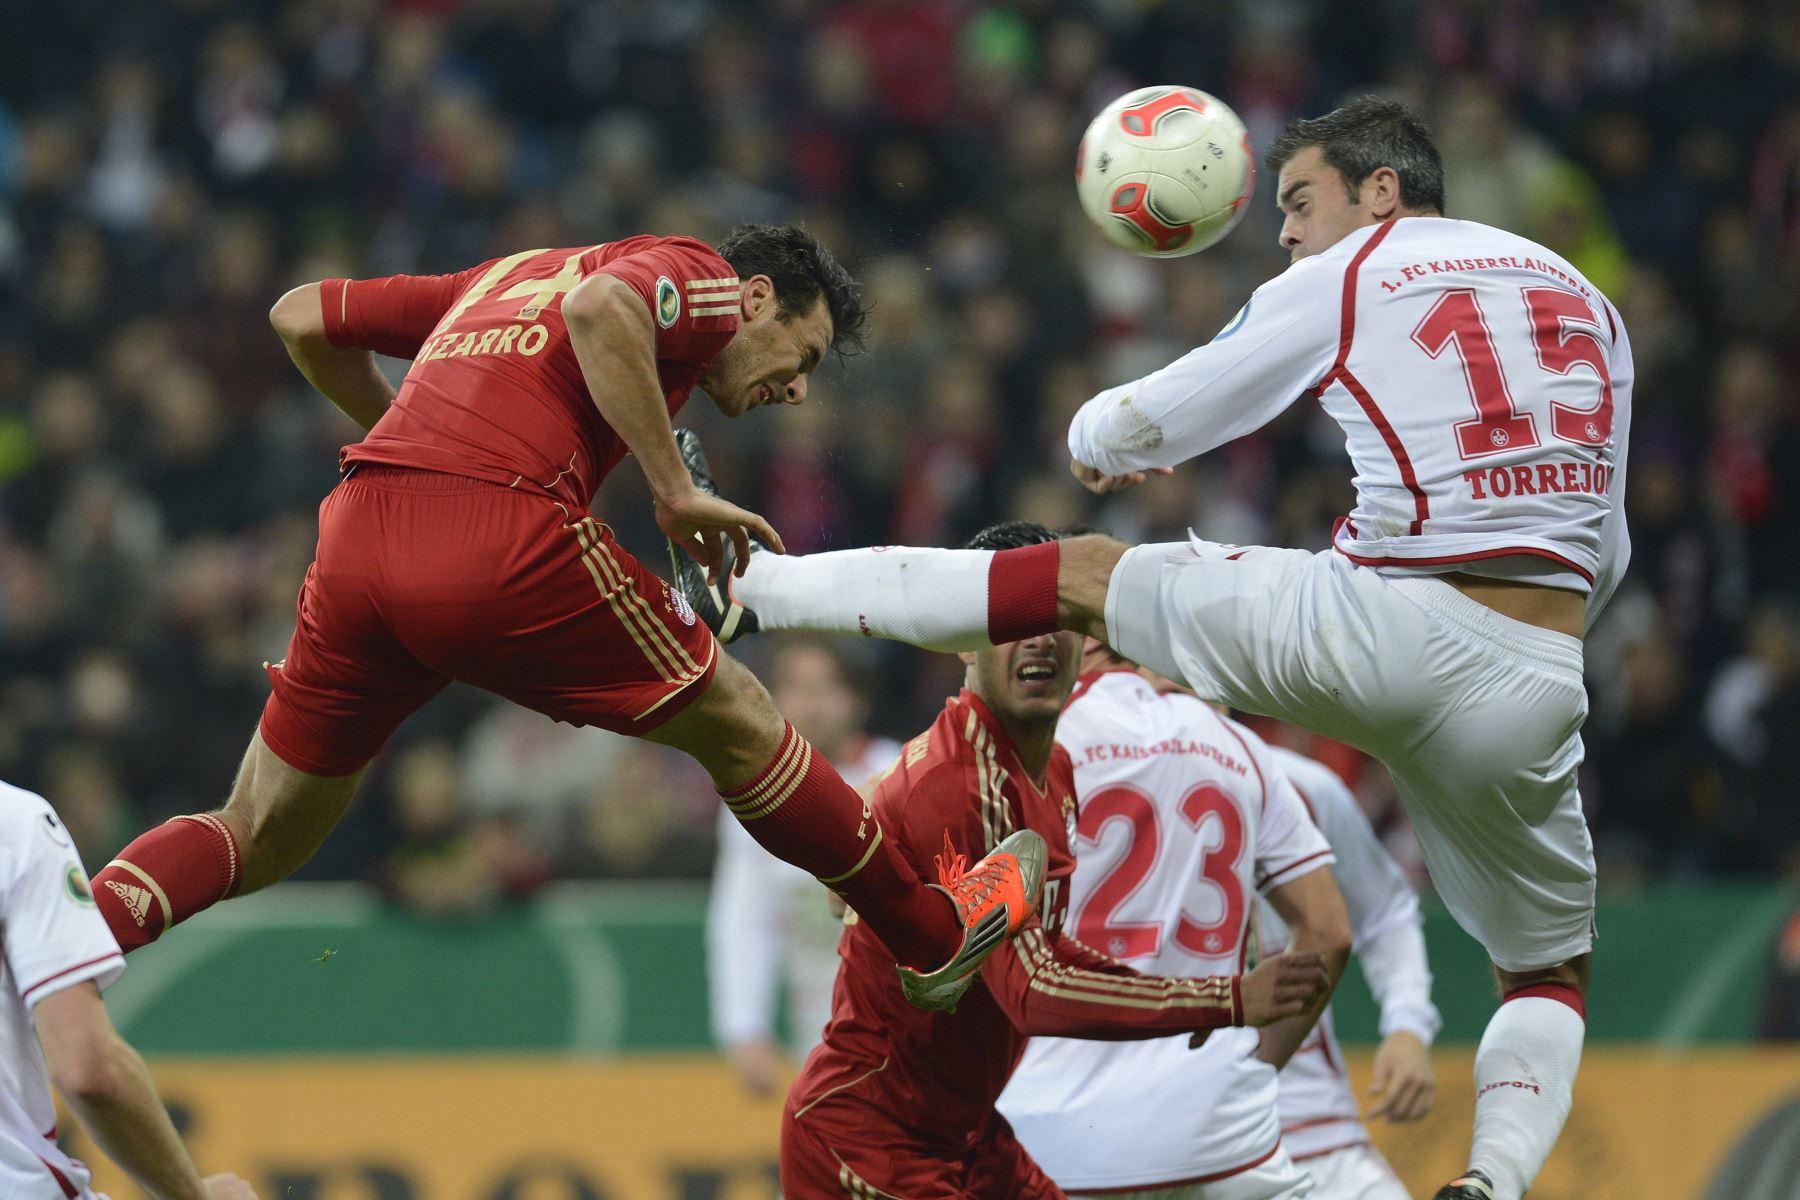 El delantero peruano del Bayern de Múnich, Claudio Pizarro, anota de cabeza el tercer gol de equipo contra el FC Kaiserslautern en Múnich, el 31 de octubre de 2012. Foto: AFP